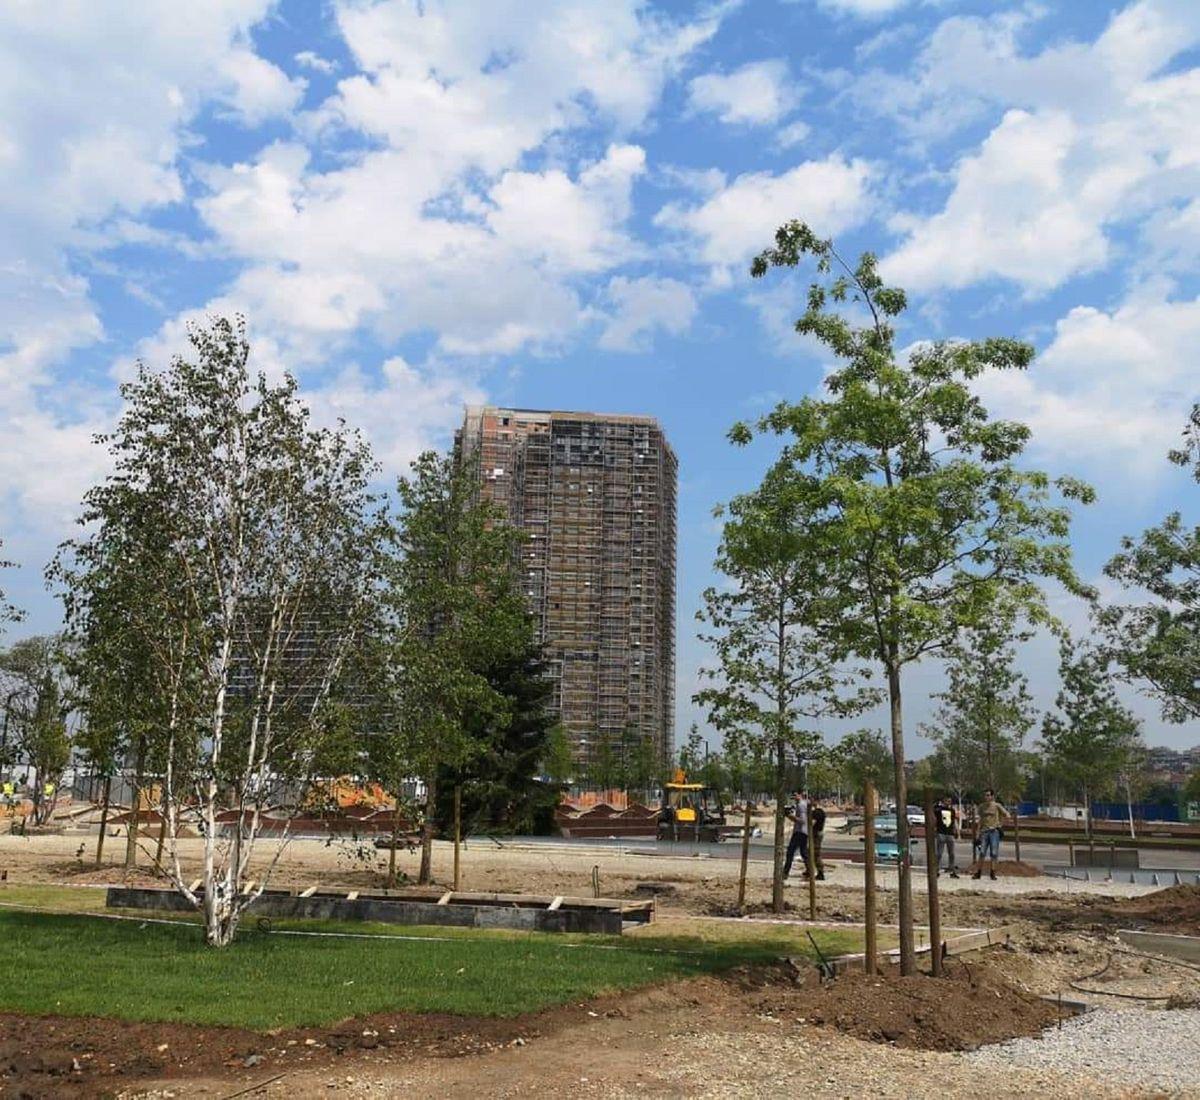 Predsednik Vučić obišao radove na parku u okviru projekta Beograd na vodi